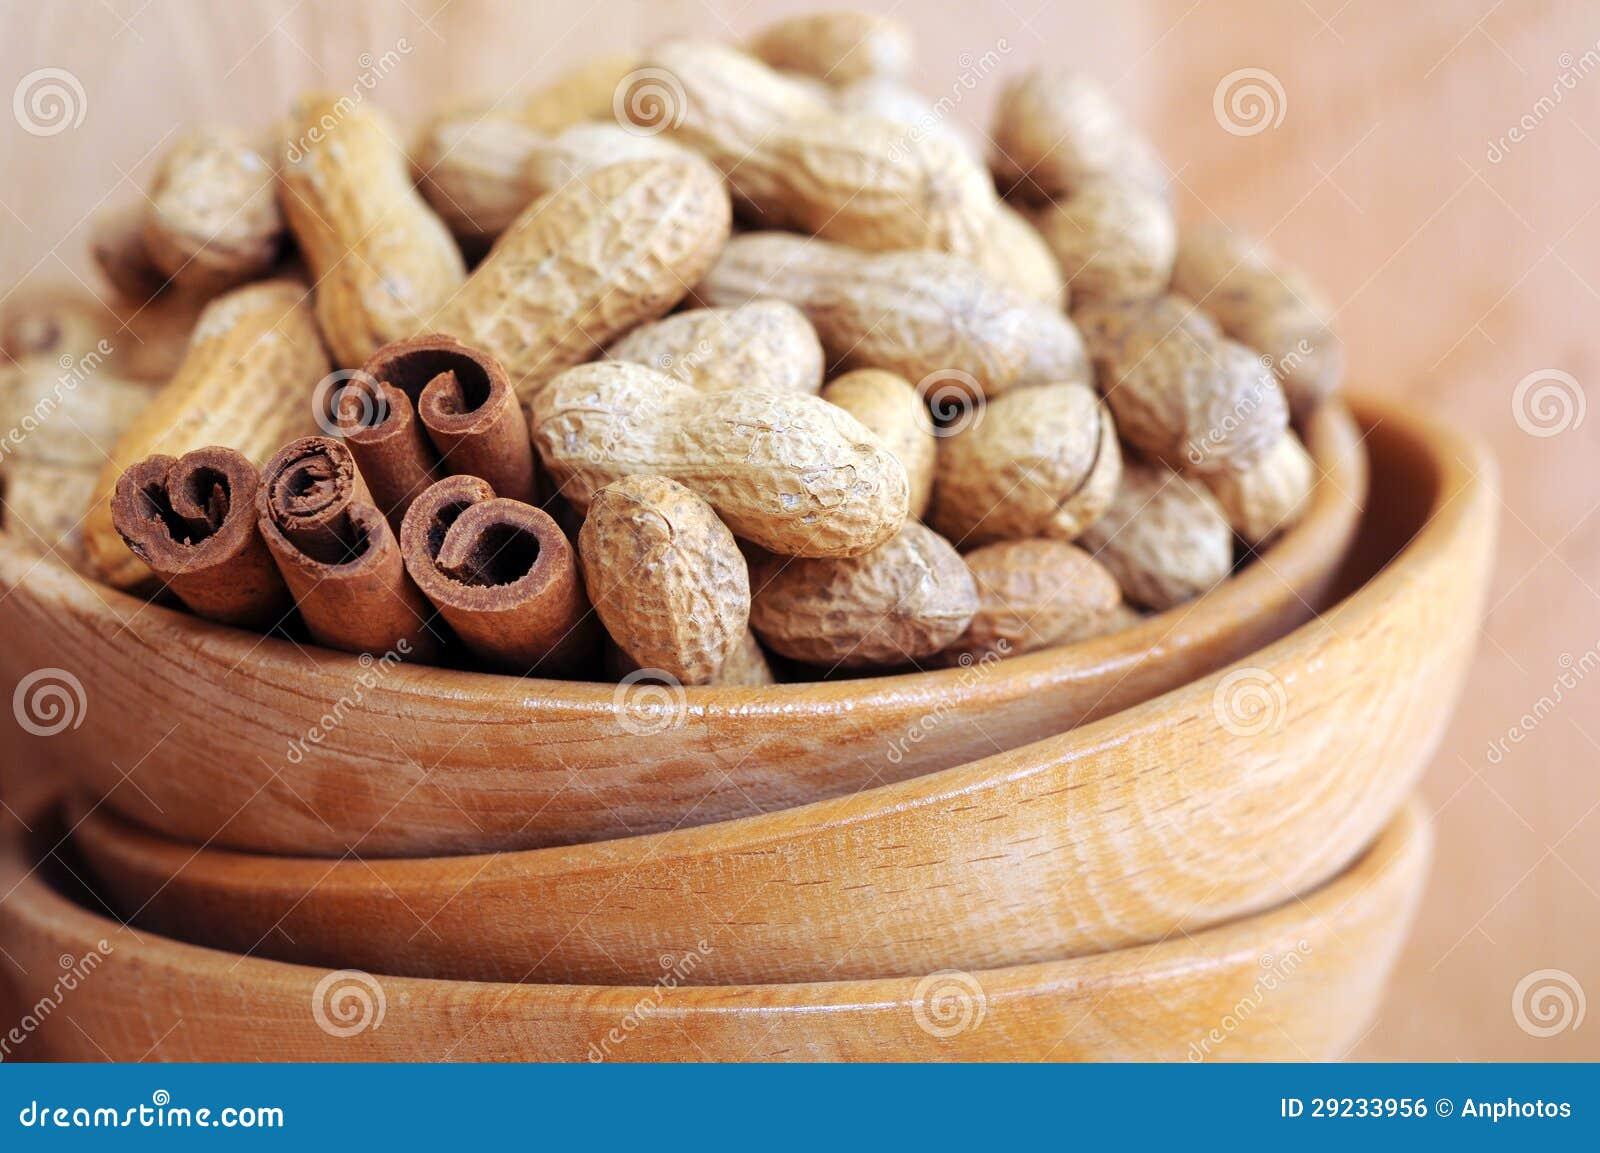 Download Amendoins nos escudos foto de stock. Imagem de proteína - 29233956